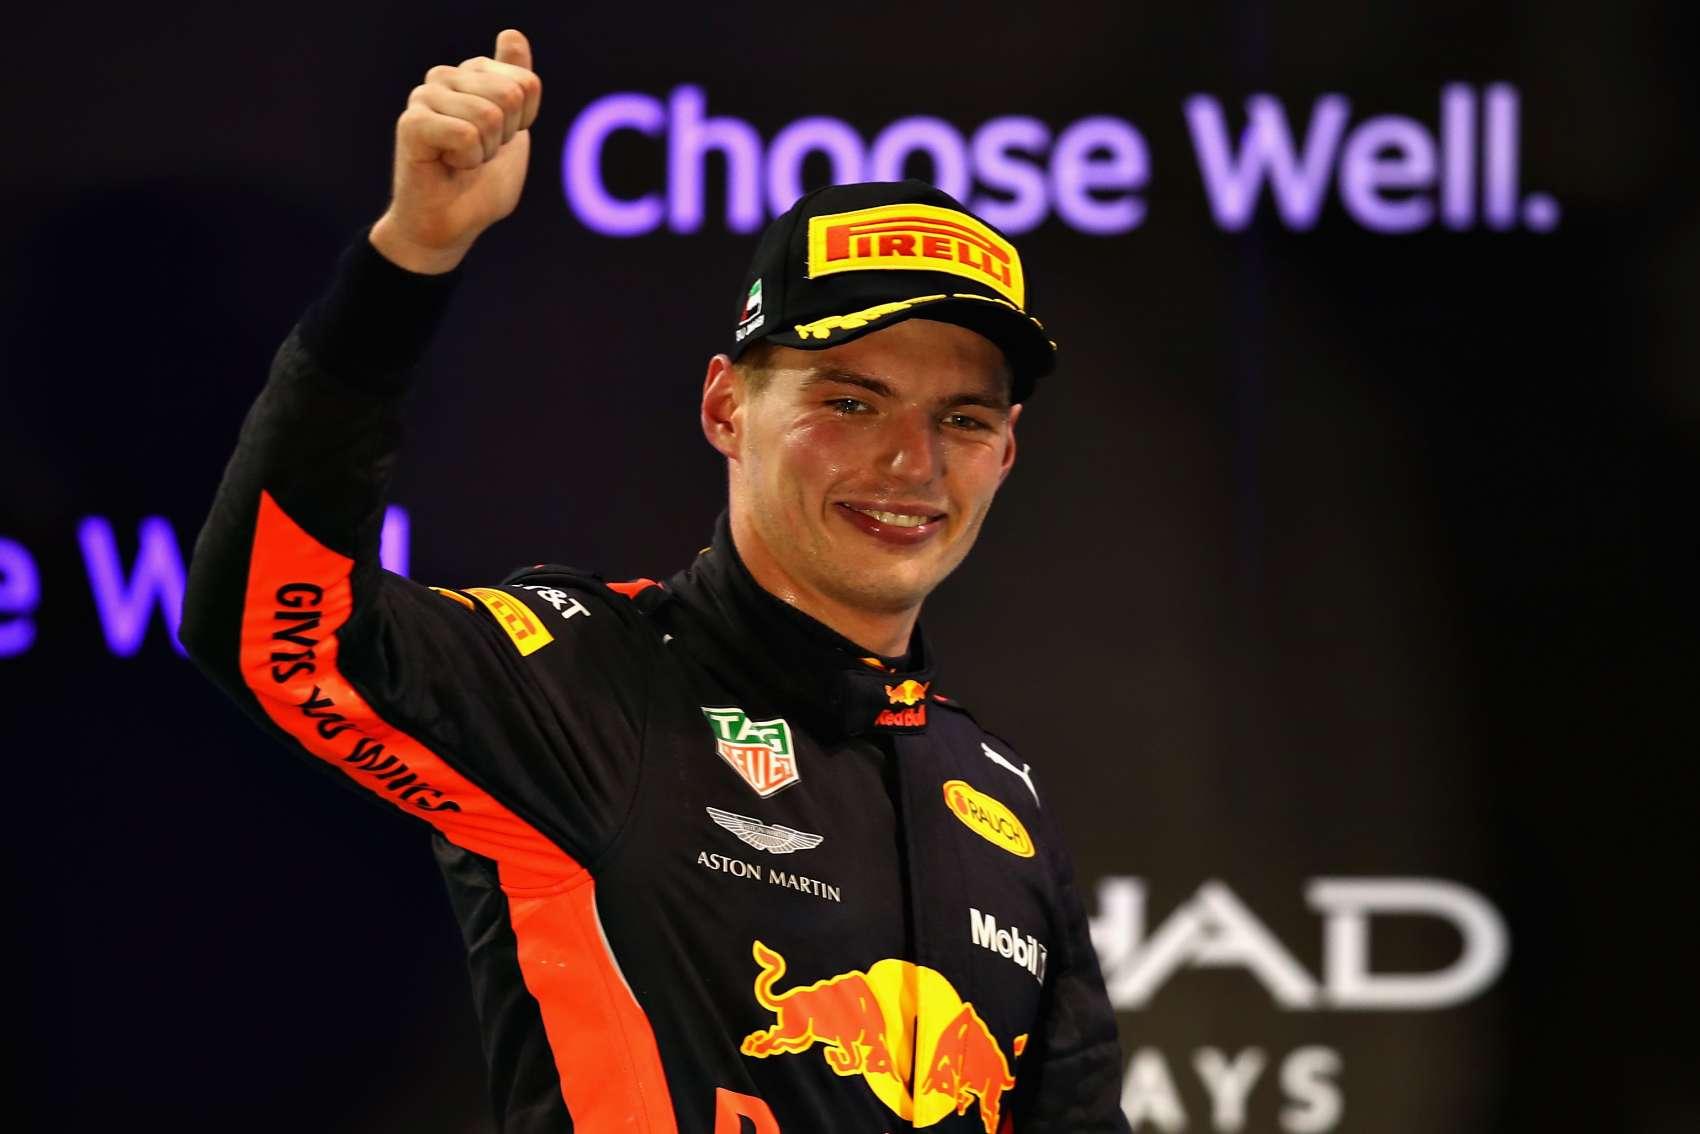 Verstappen, Racing racingline, racinglinehu, racingline, racinglinehu, racingline.hu